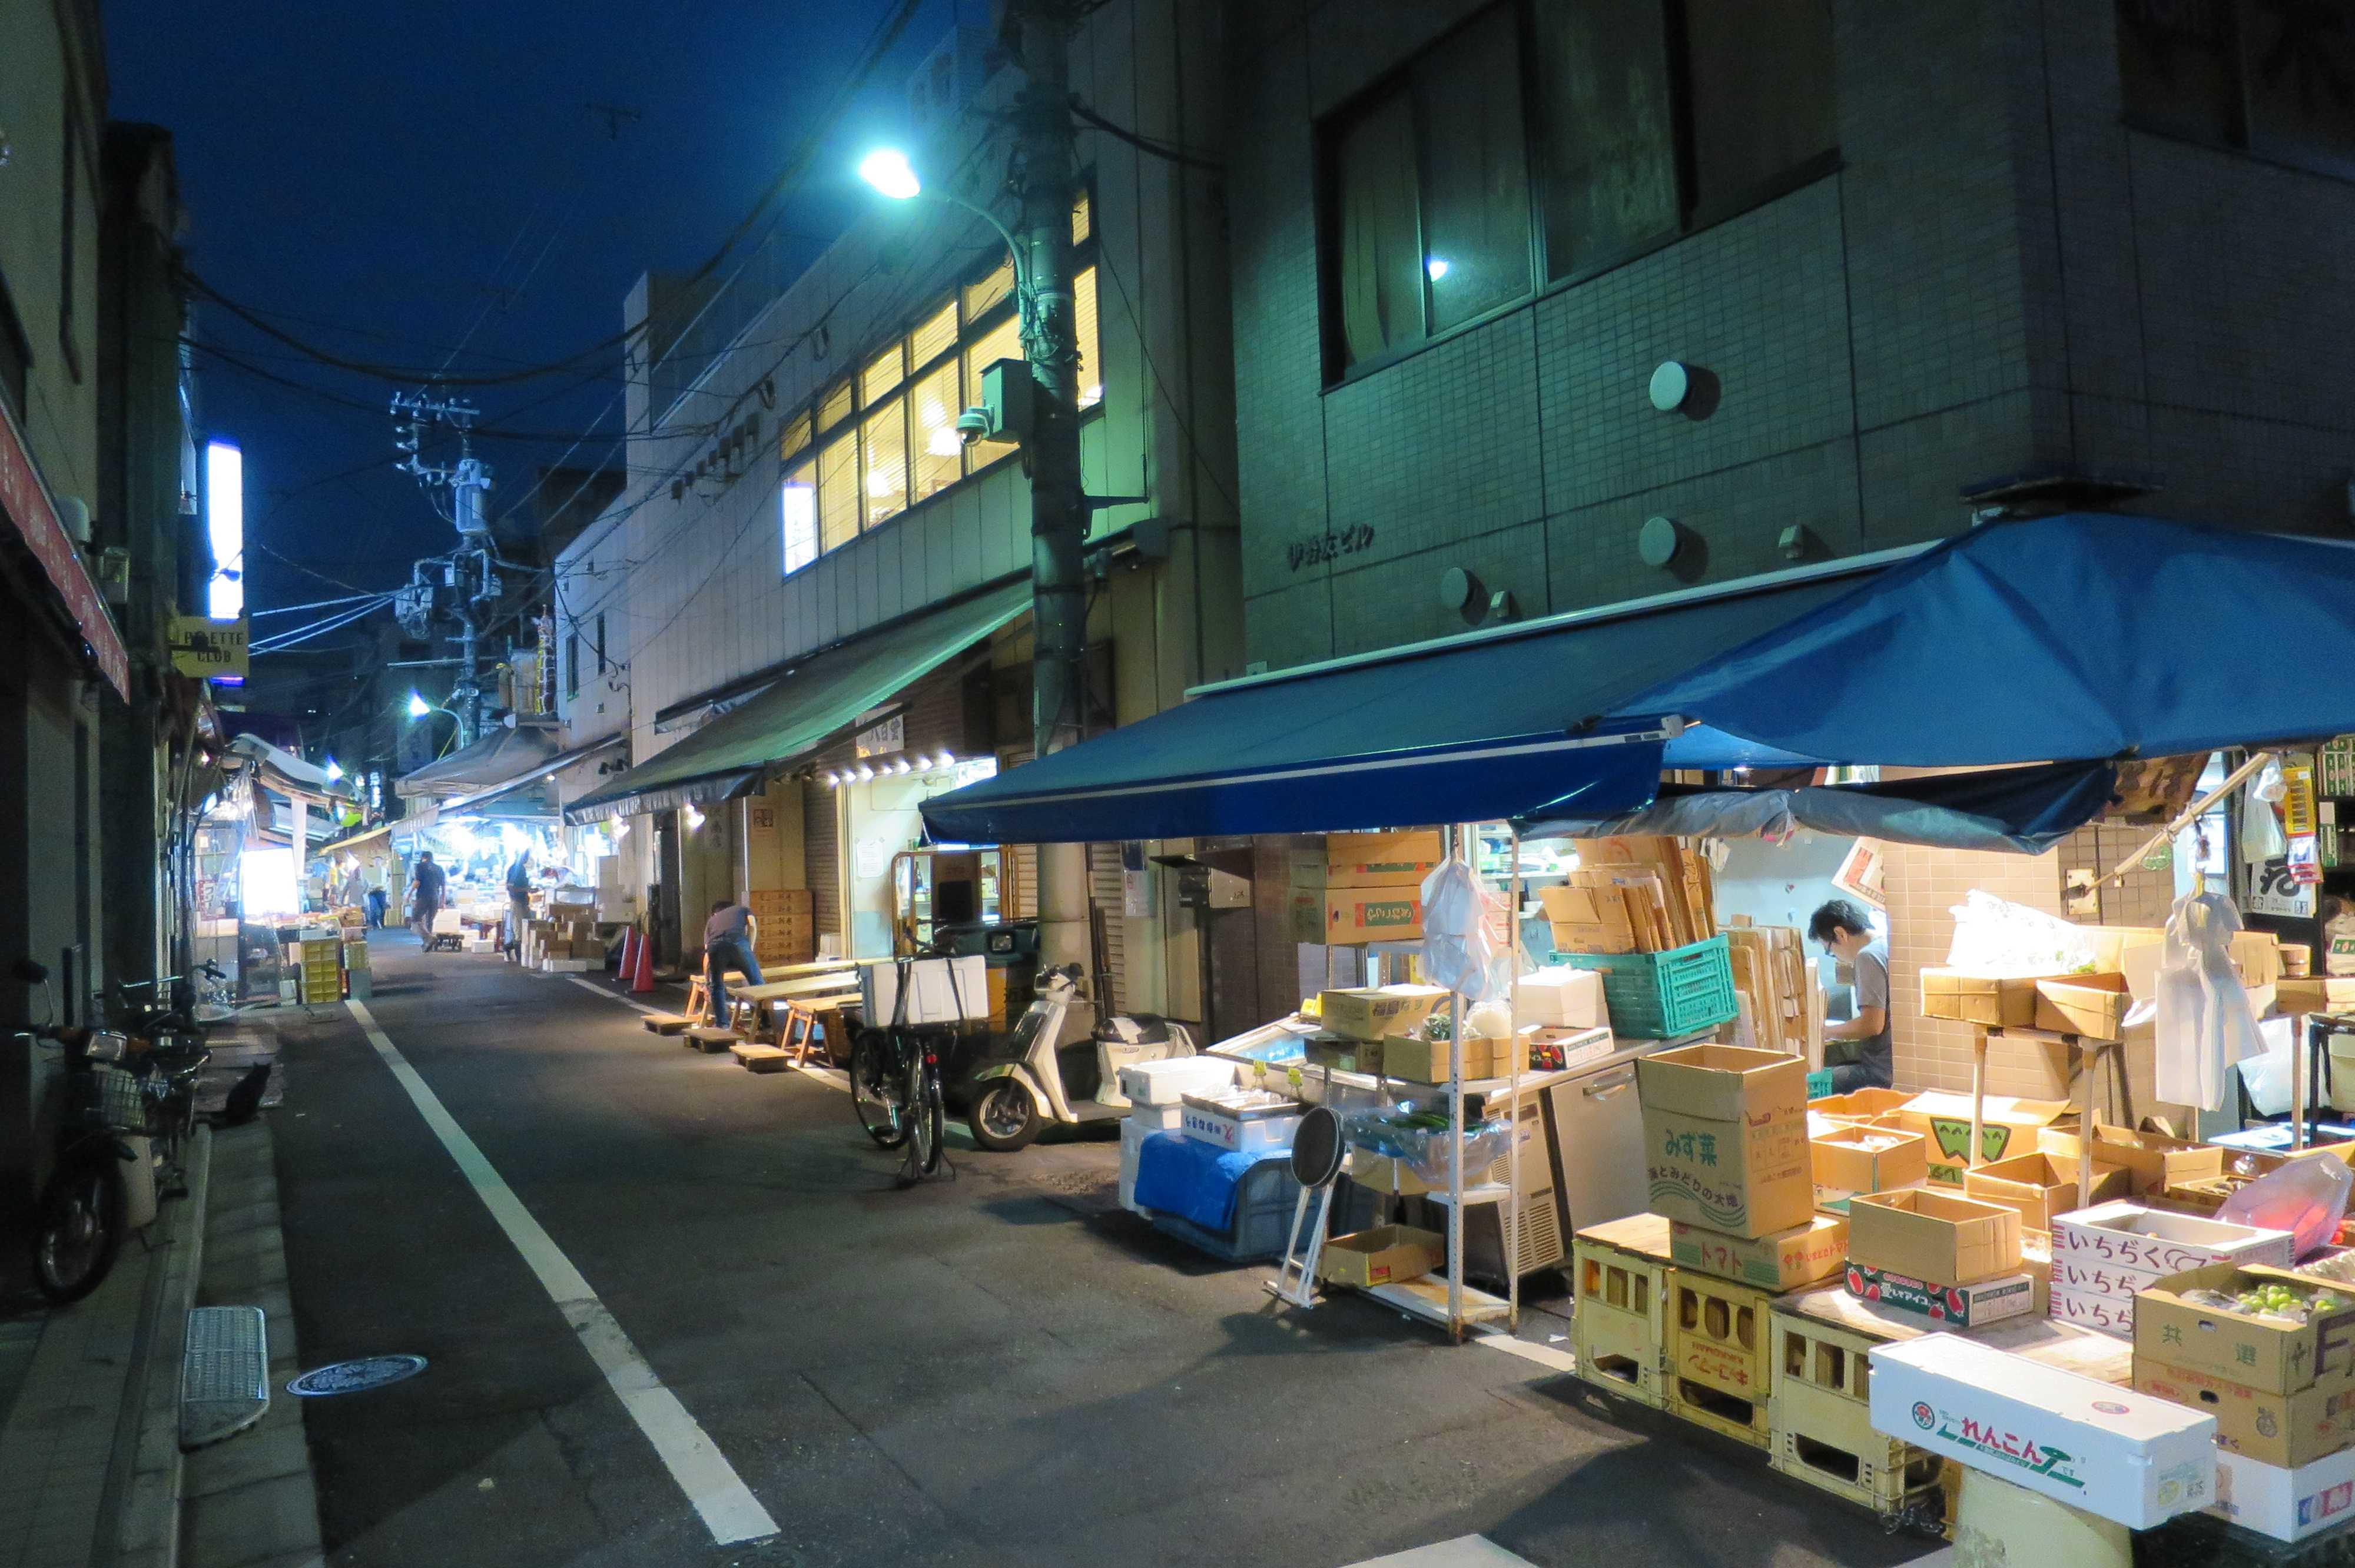 築地場外市場 - 朝5時過ぎの築地市場 場外